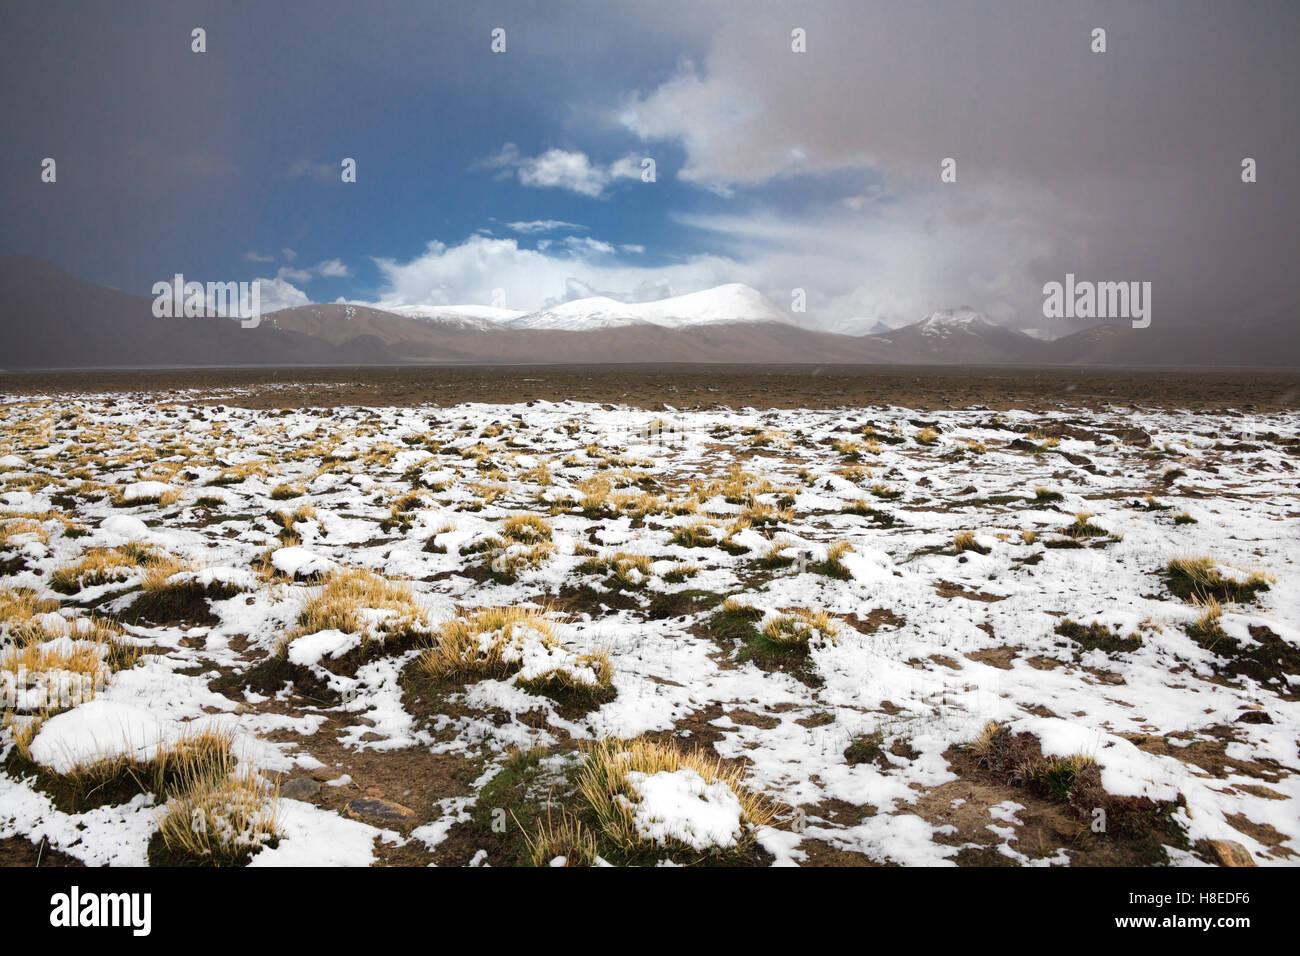 Paesaggio vicino Lago Karakul - Pamir - T ajikistan - GBAO provincia - sul tetto del mondo Immagini Stock